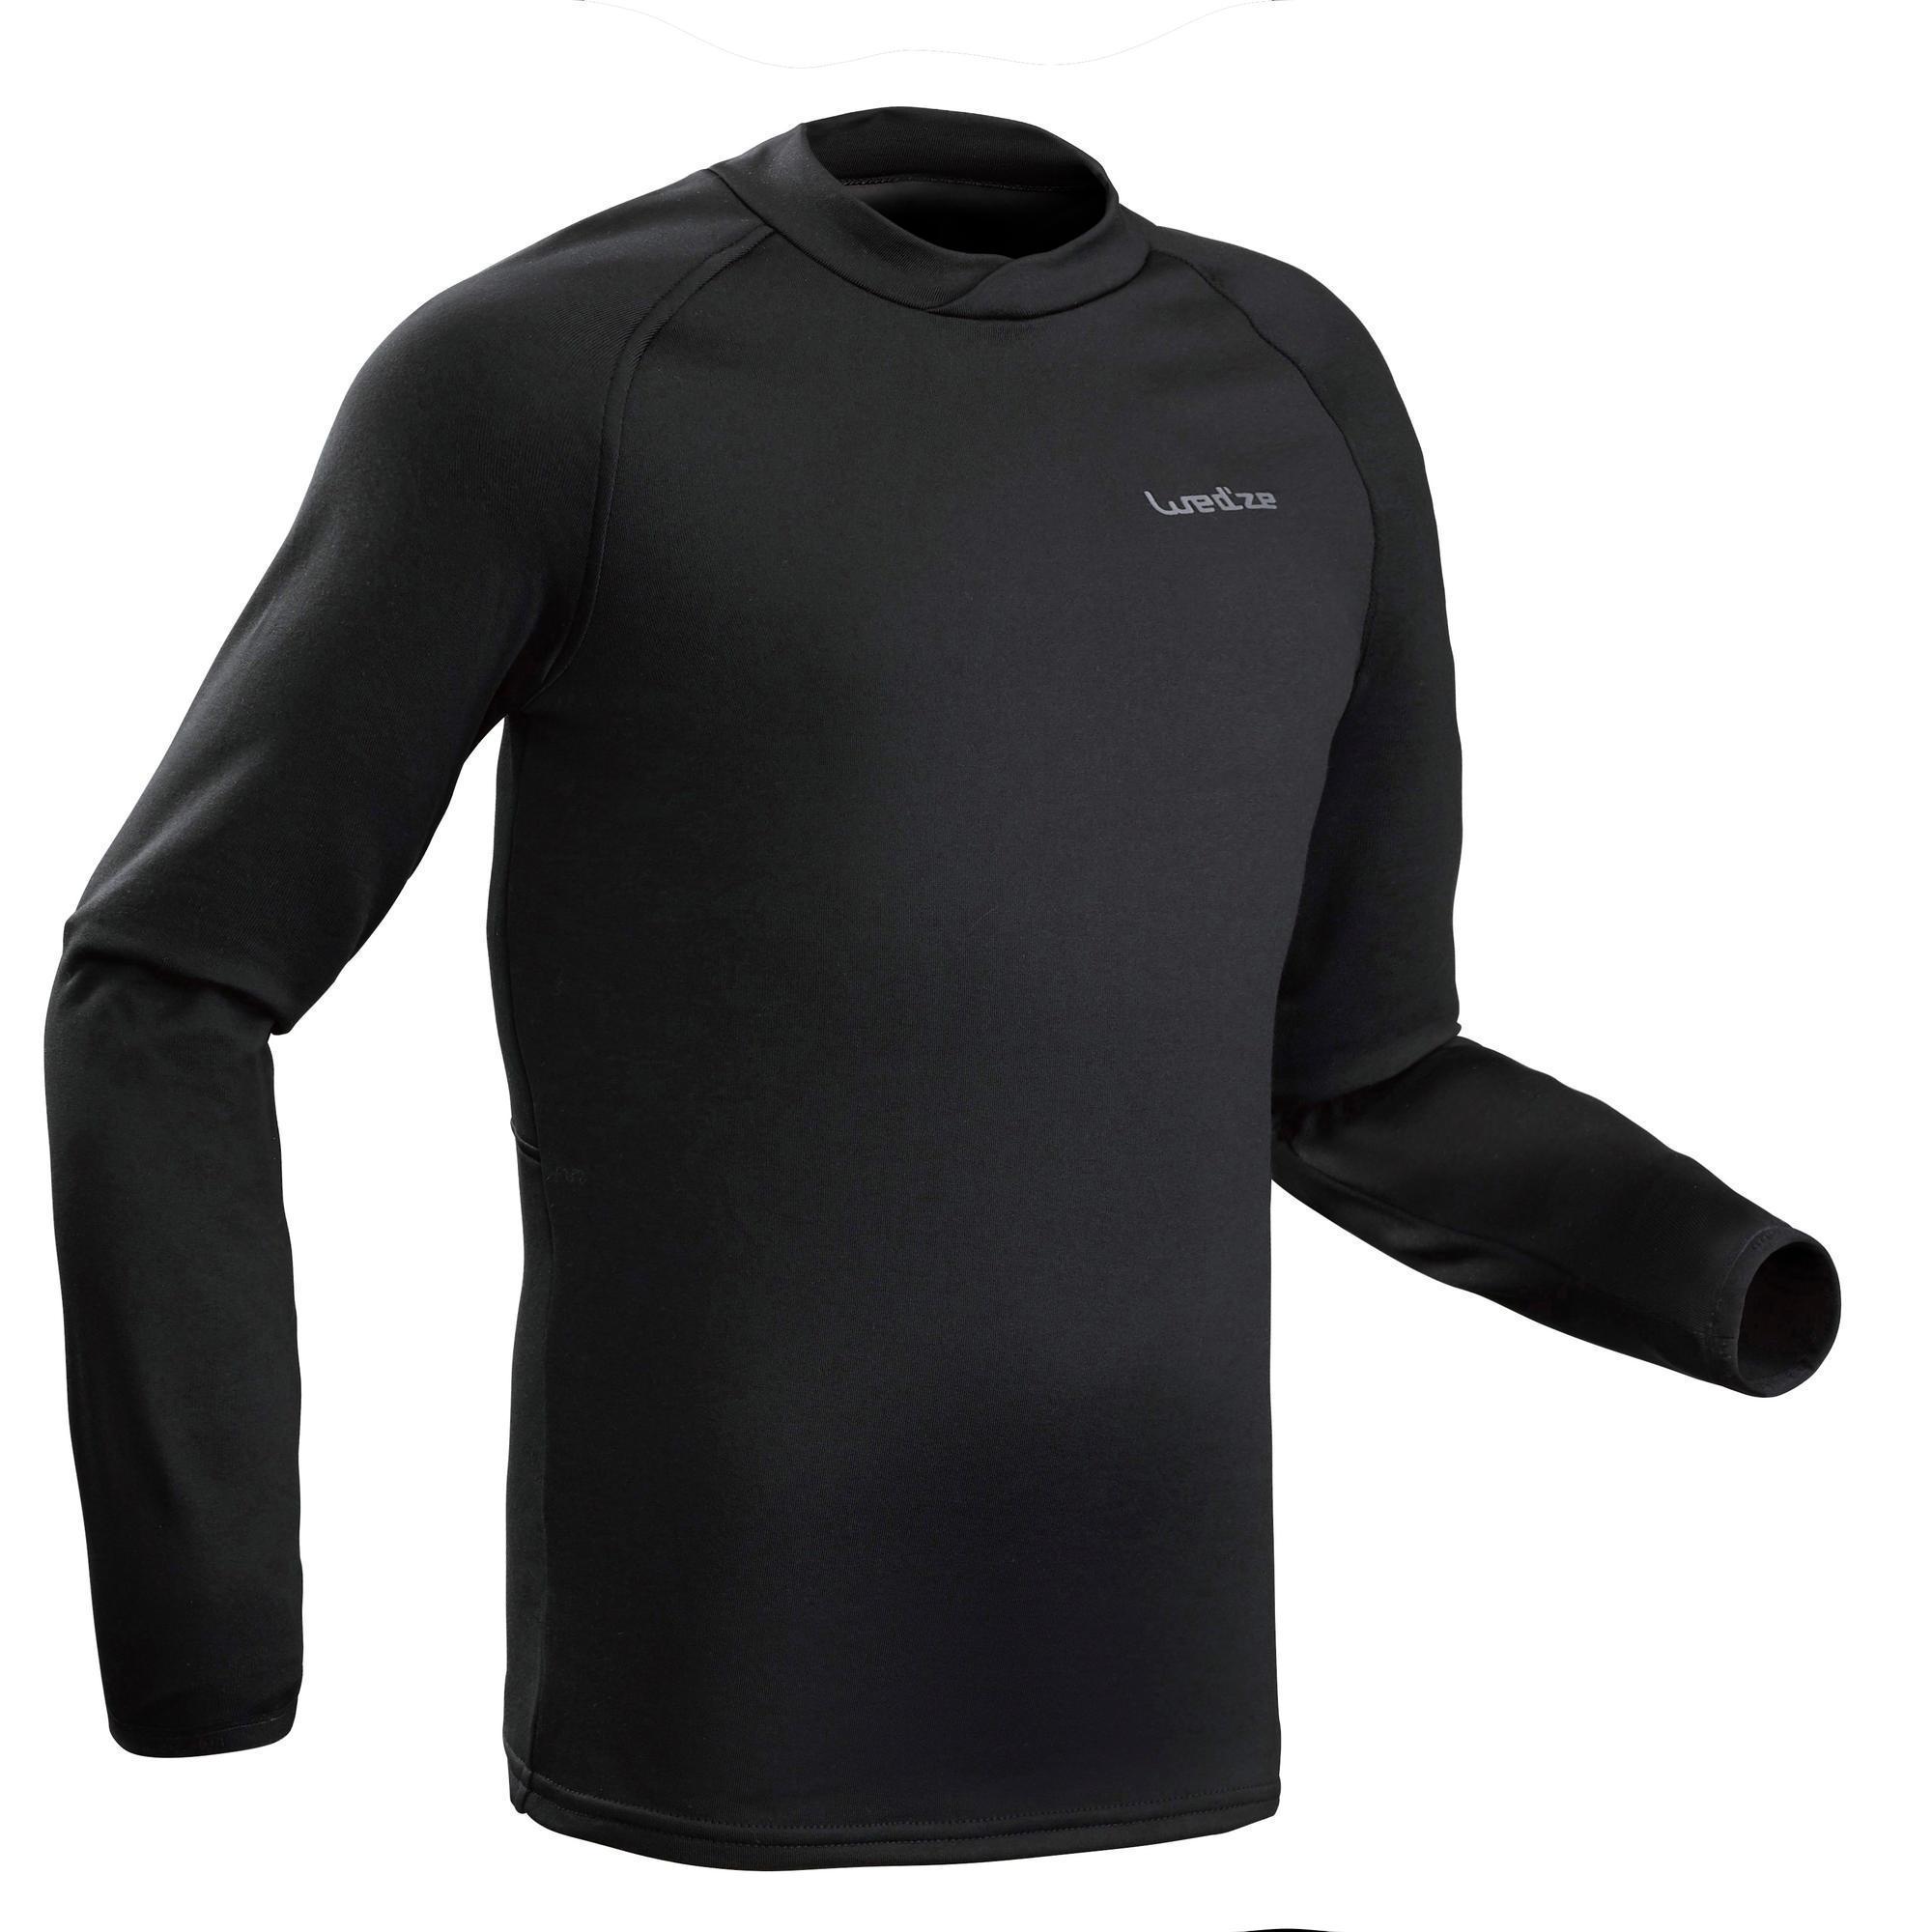 Skiunterhemd Freshwarm Herren | Sportbekleidung > Funktionswäsche | Wedze